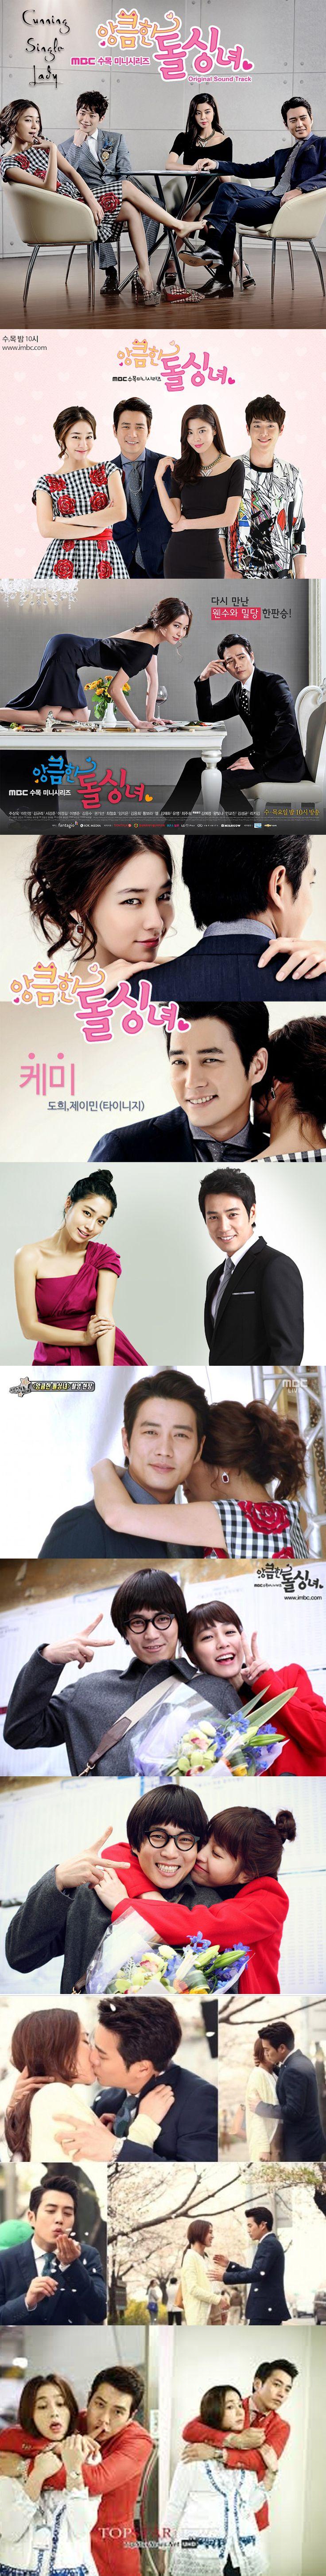 Cunning Single Lady (앙큼한 돌싱녀) Kdrama 2014 - 16 episodes - Lee Min-jung / Joo Sang-wook / Kim Gyu-ri / Seo Kang-joon